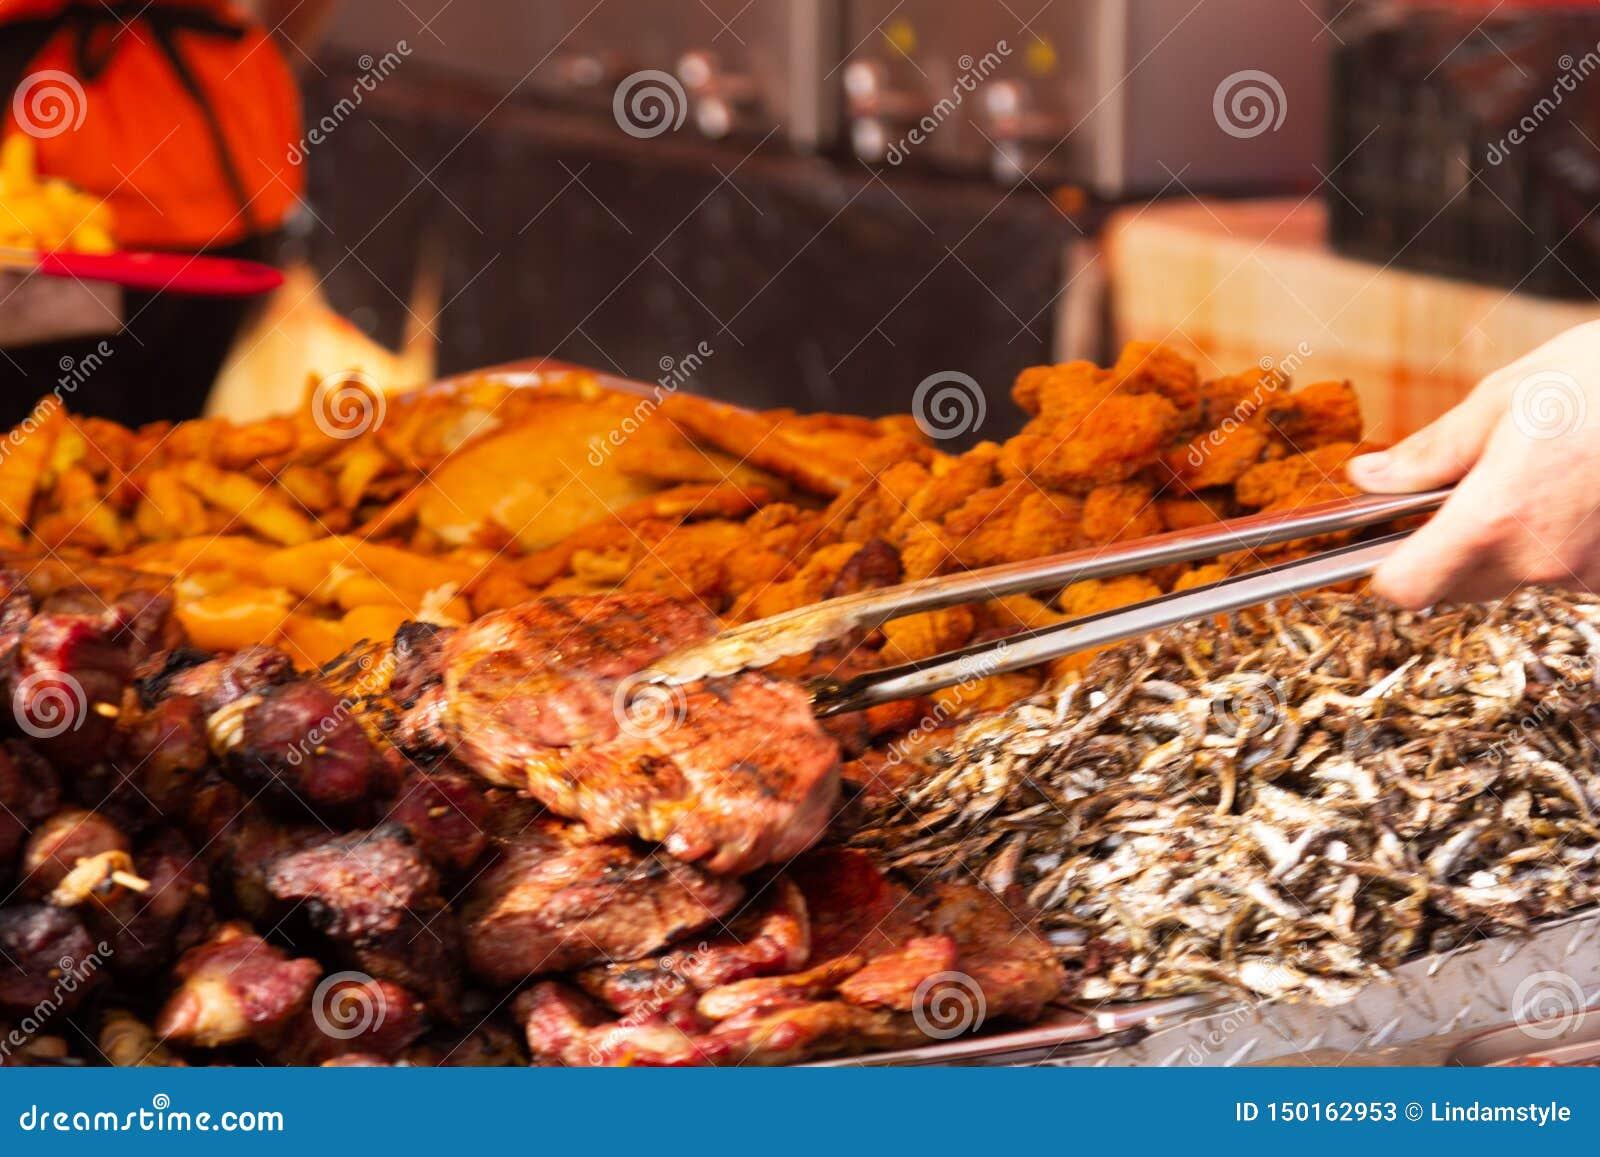 Festival Alba Iulia de la comida de la calle